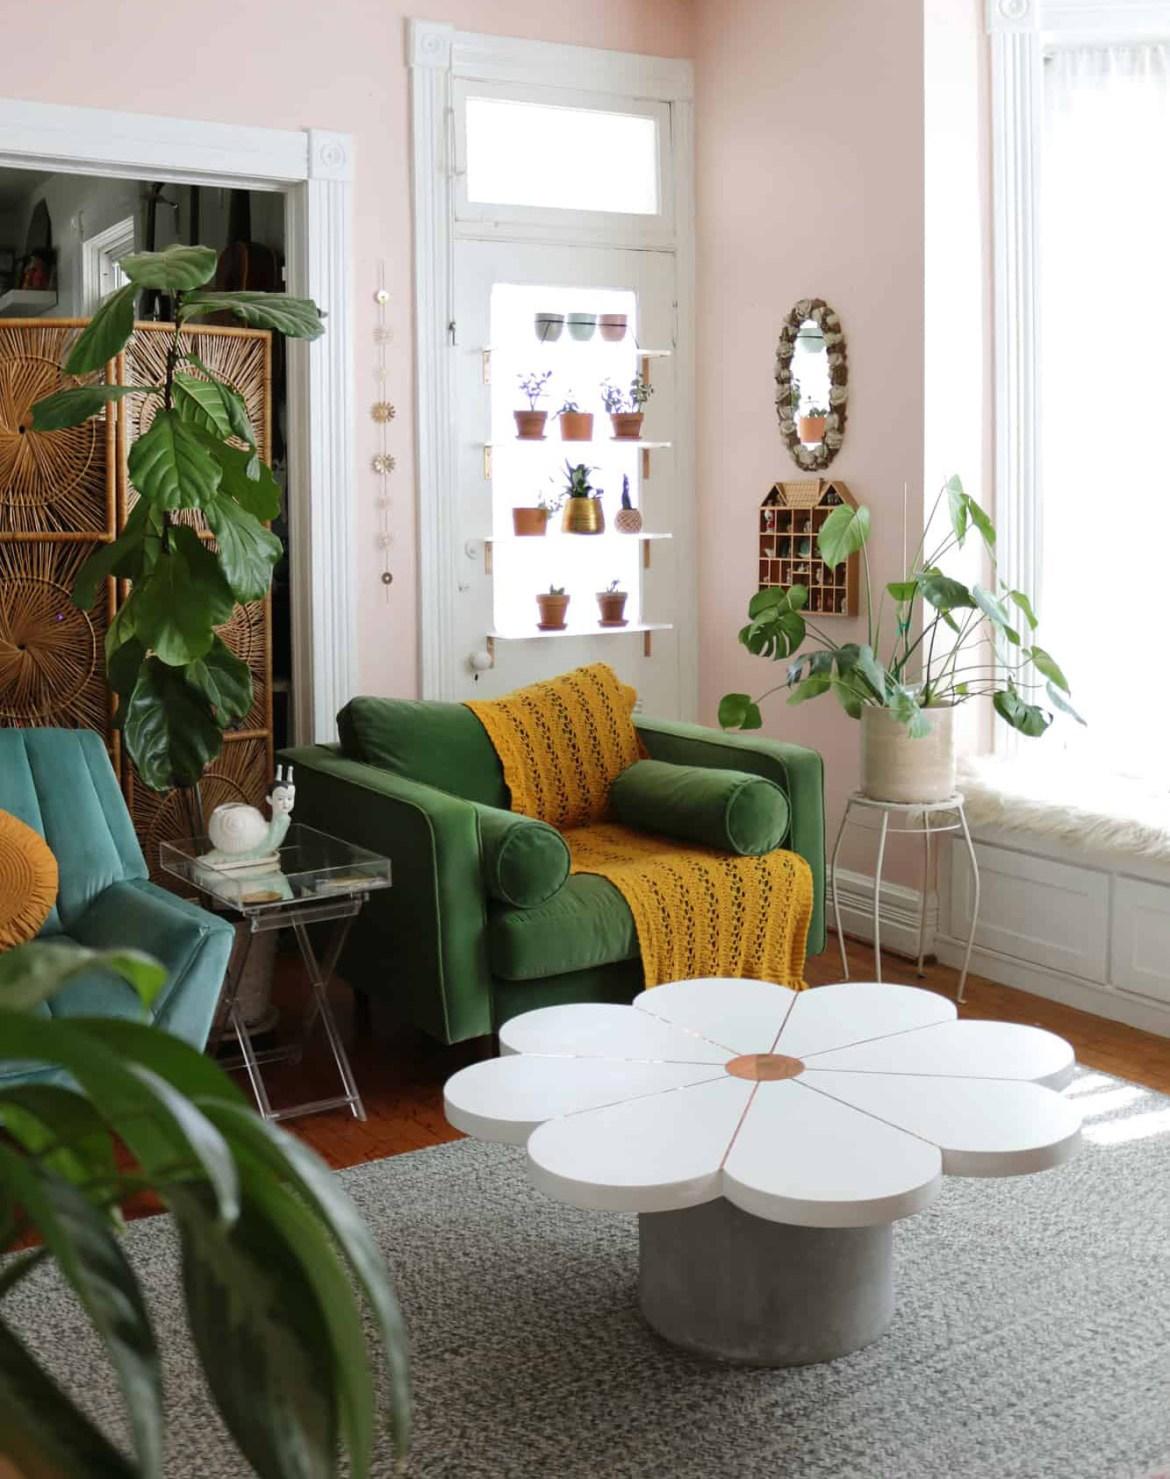 family room decorating ideas daisy